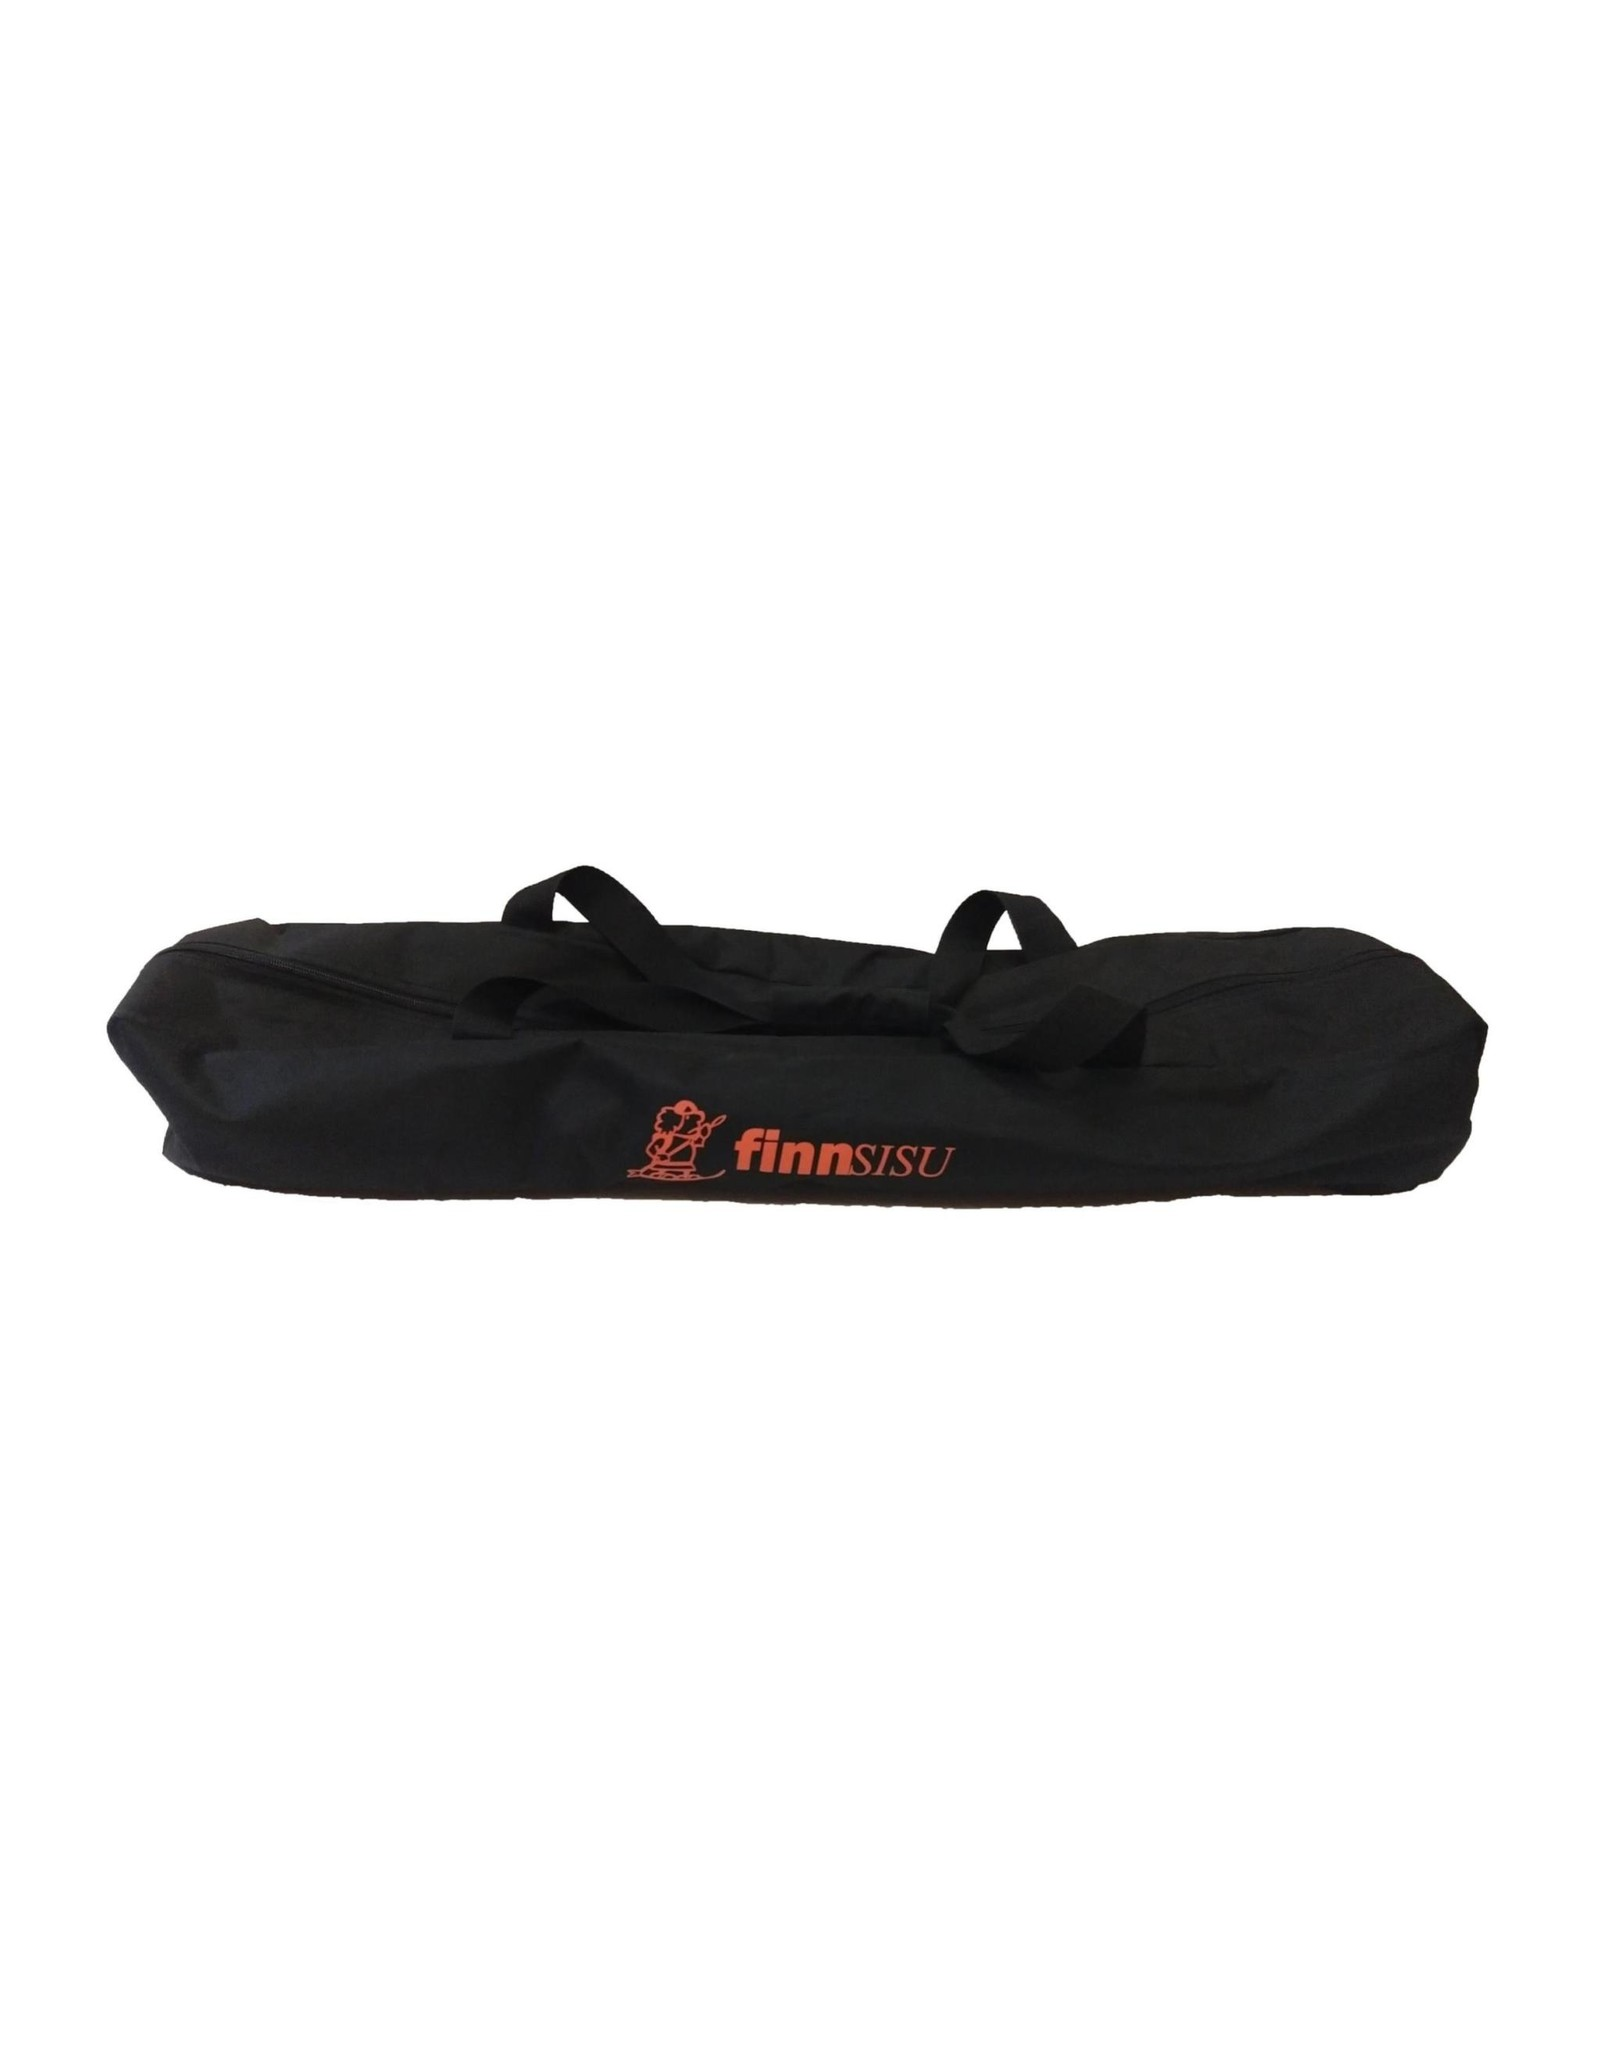 Yoko Yoko Roller Ski Bag